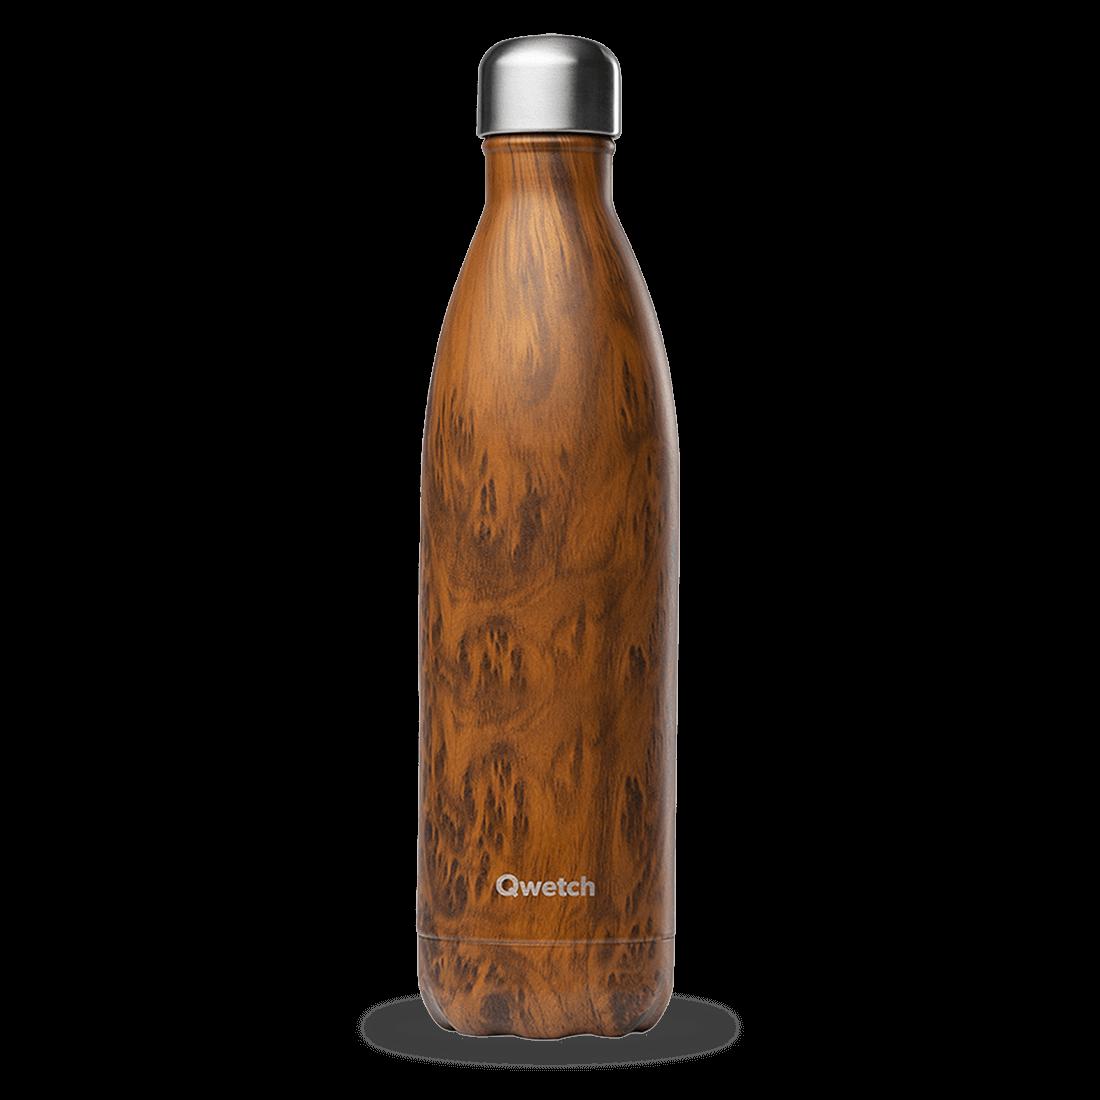 gourde-wood-qwetch-le-comptoir-authentique-sarlat